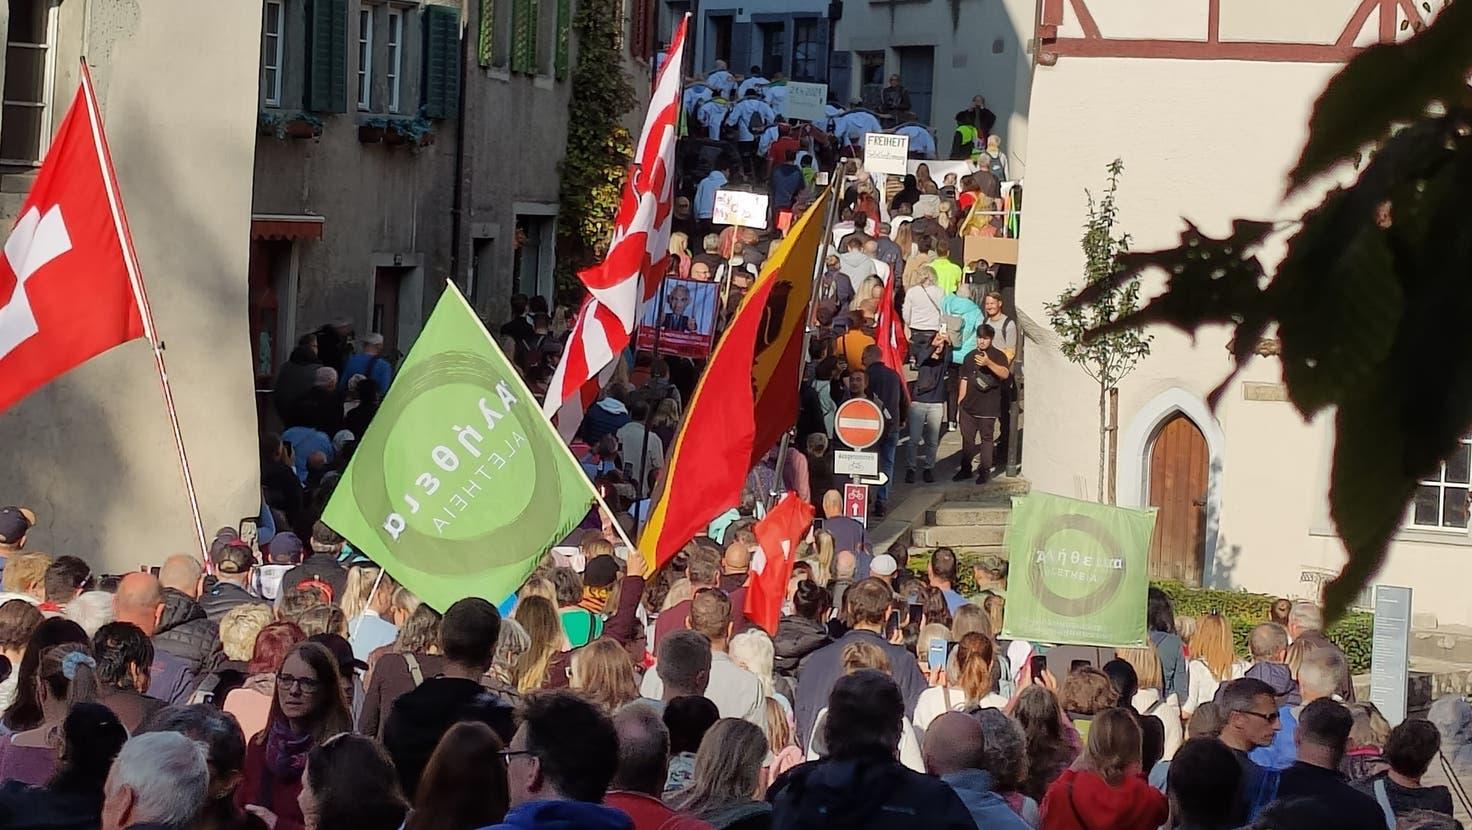 Demonstration in Baden verläuft friedlich: Die Polizei musste nicht eingreifen – trotz Gegendemo